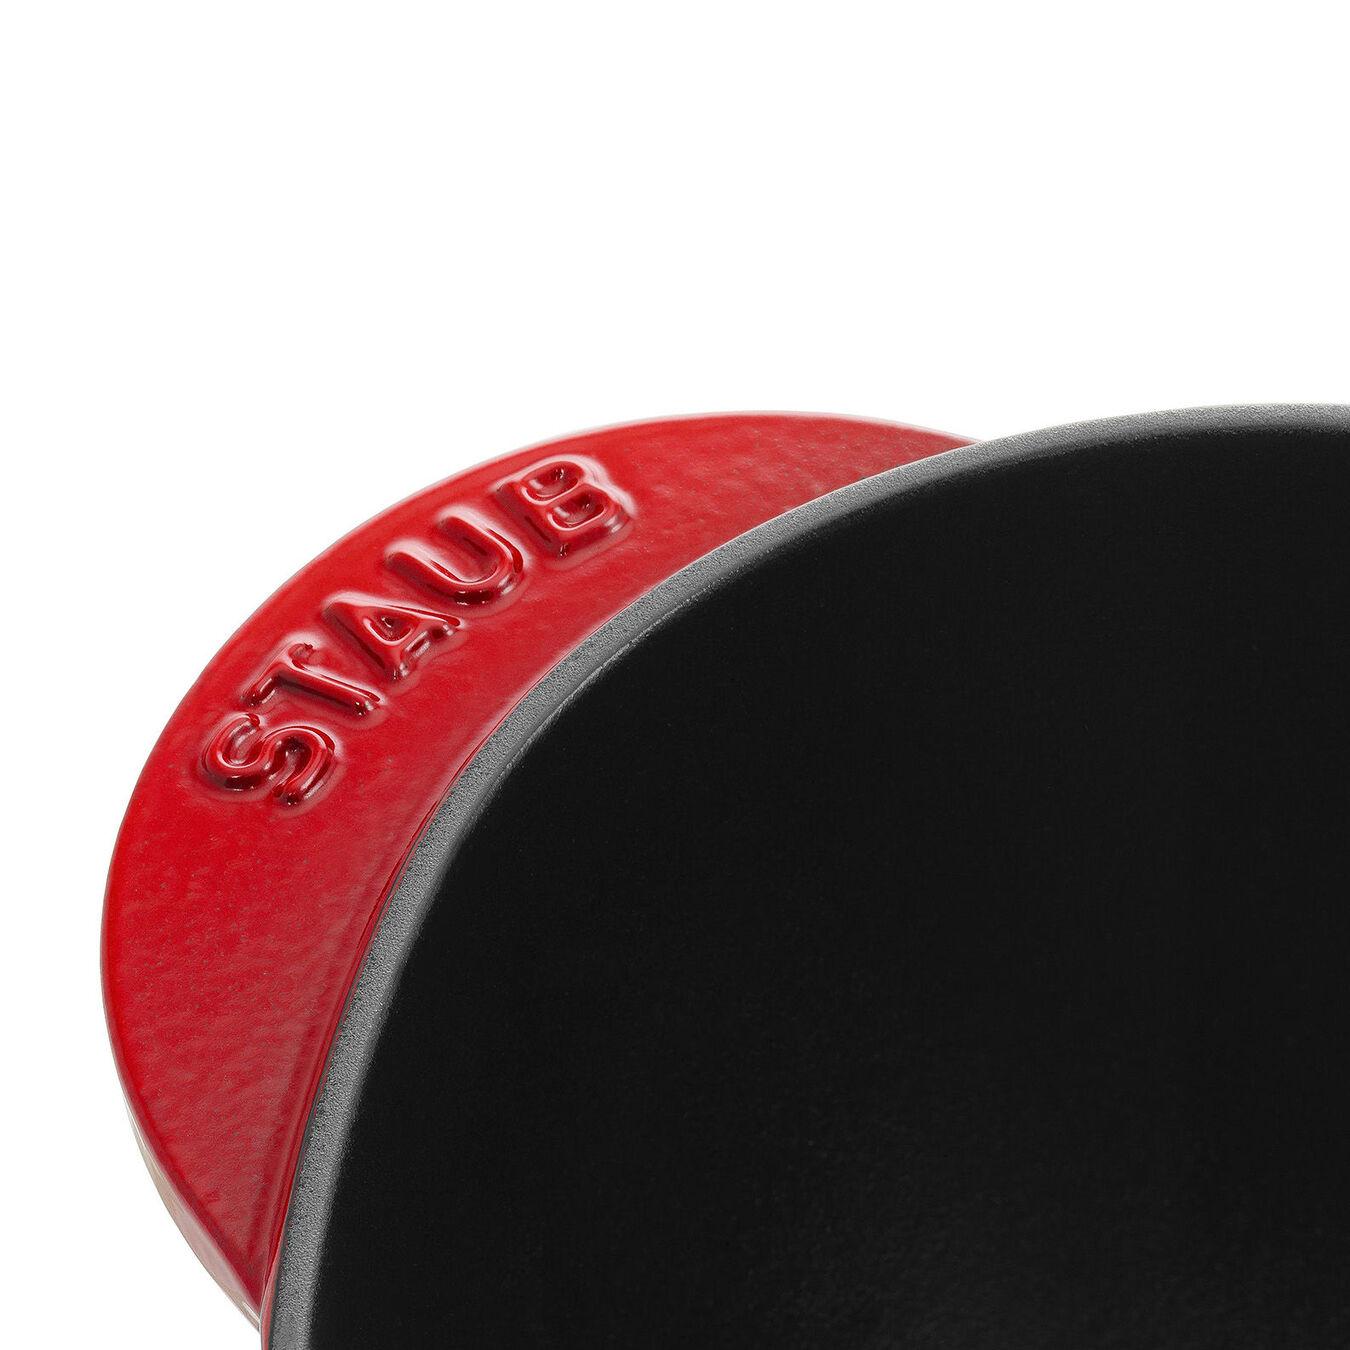 Caçarola 20 cm, coração, Vermelho cereja, Ferro fundido,,large 3